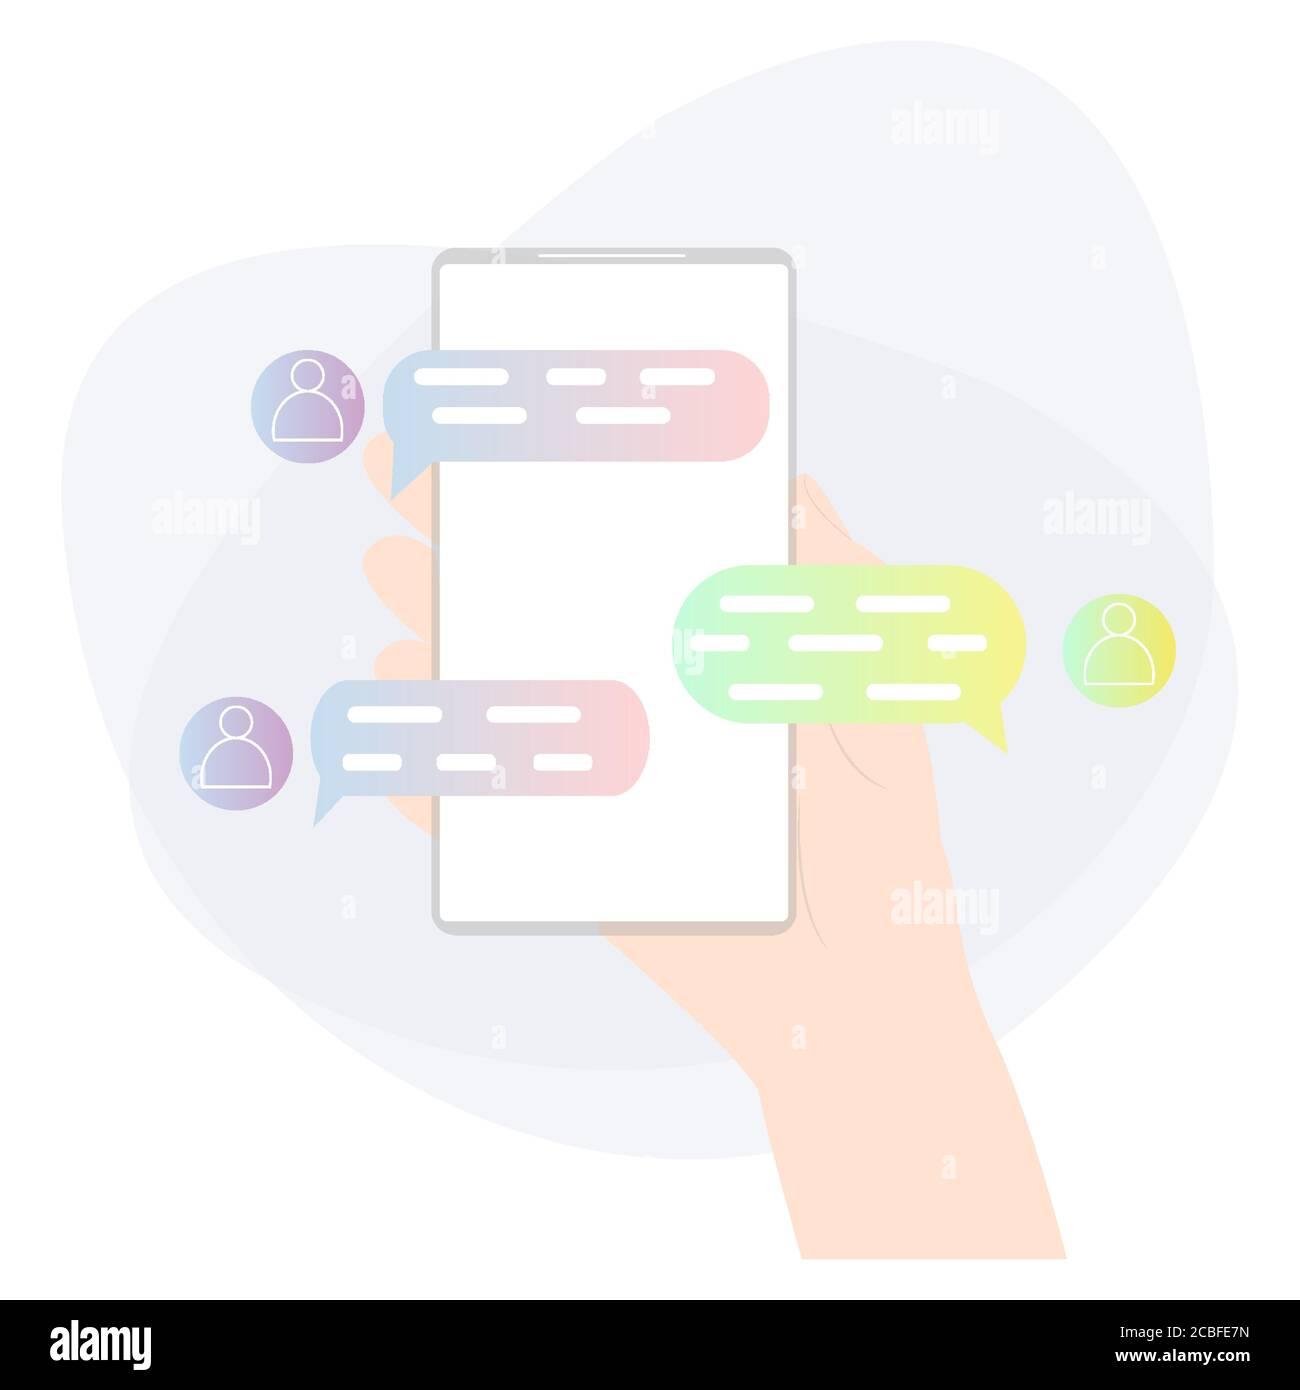 Con la mano sosteniendo el teléfono móvil y charlando. Chat en línea, aplicación de mensajería. Relaciones en la ilustración de vector-distancia Ilustración del Vector